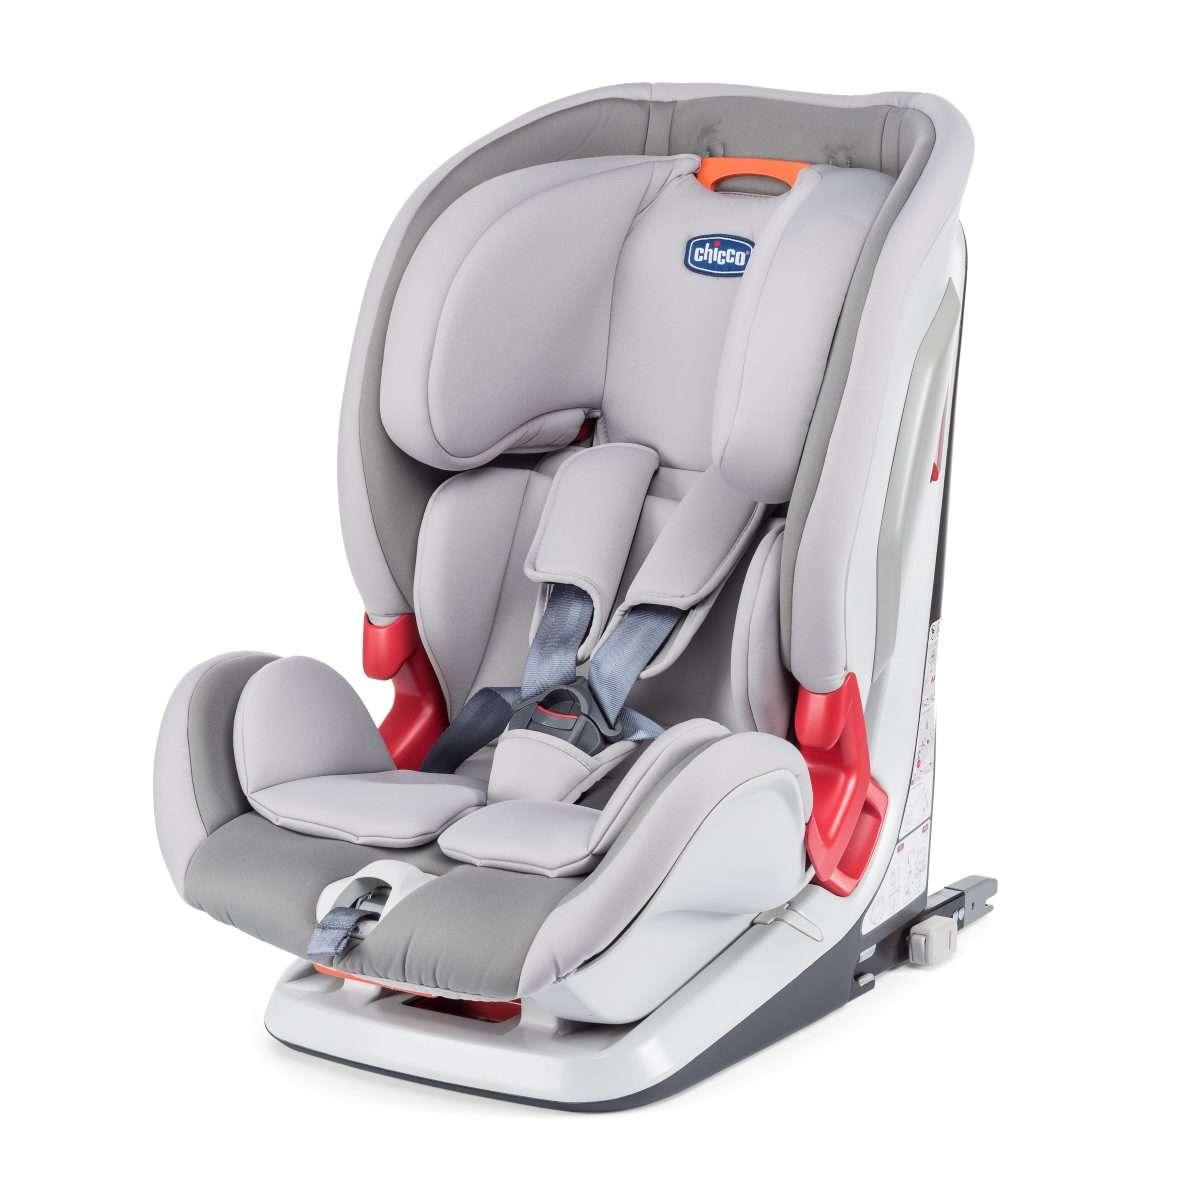 Rent car seat Bergamo